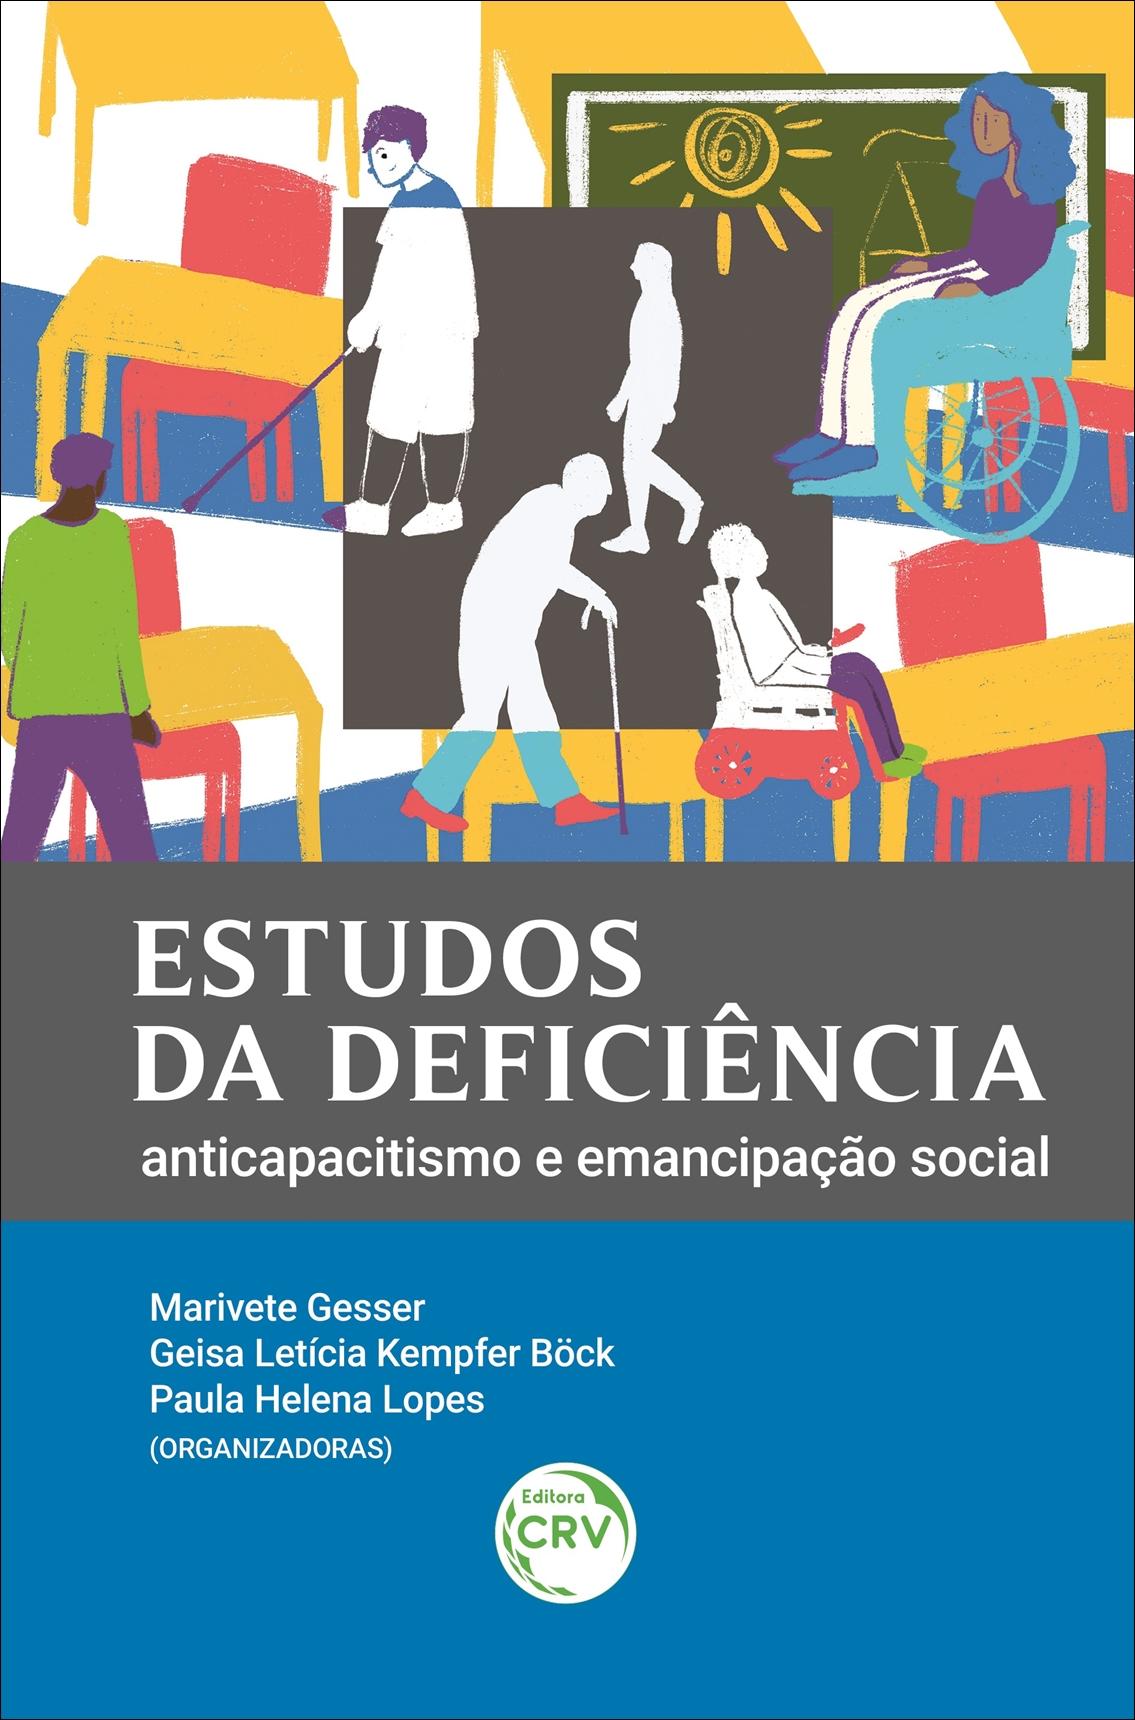 Capa do livro: ESTUDOS DA DEFICIÊNCIA: <br>anticapacitismo e emancipação social